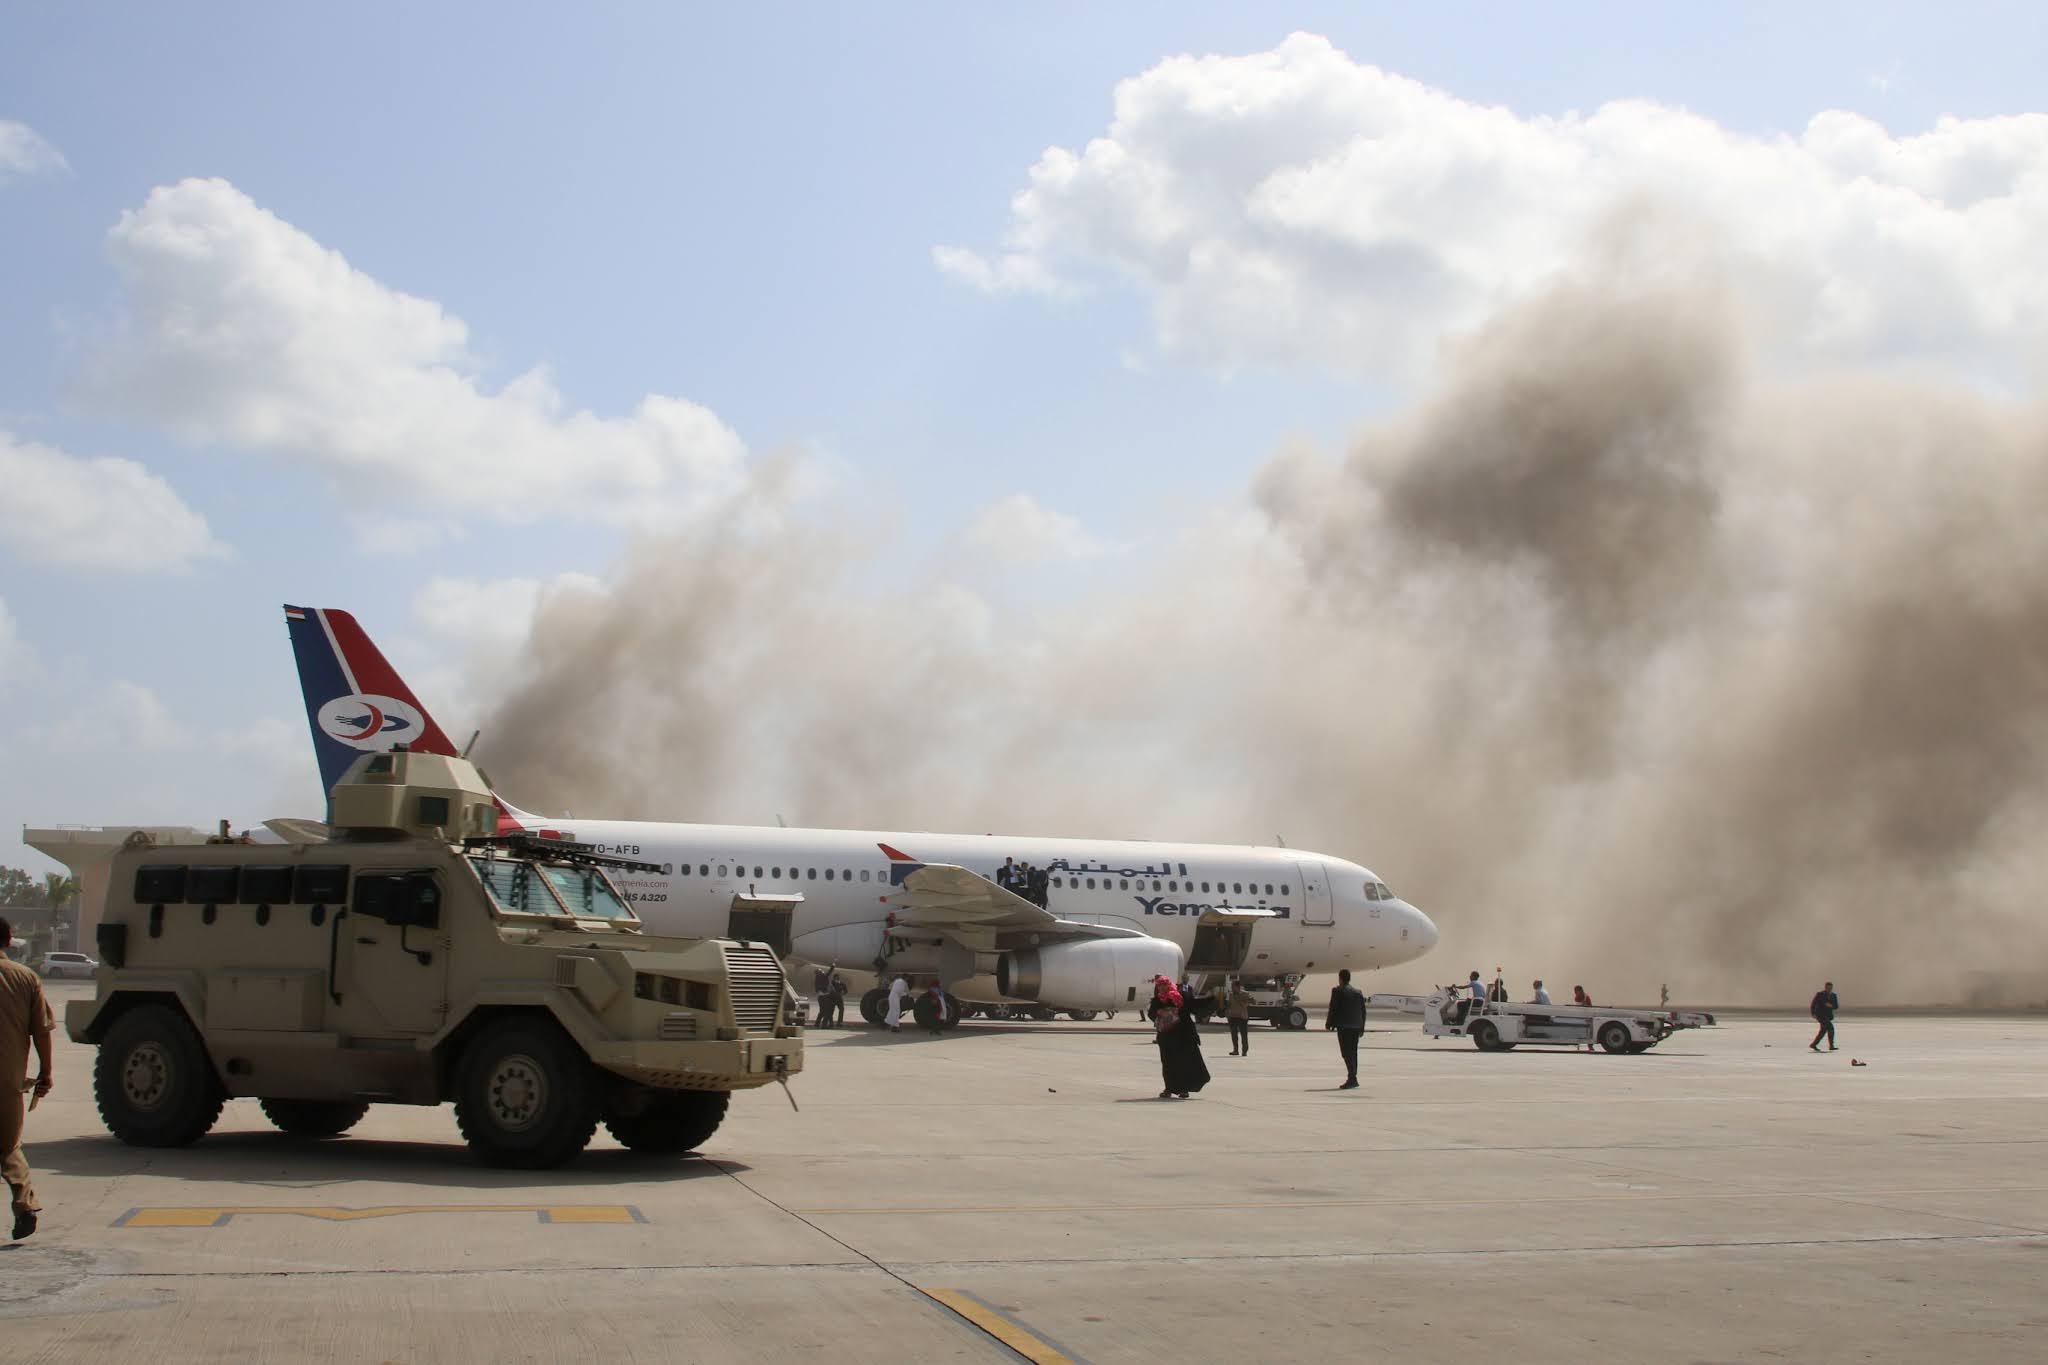 VIDEOS: Al menos 10 muertos en un ataque contra un avión que transportaba al nuevo gobierno de Yemen